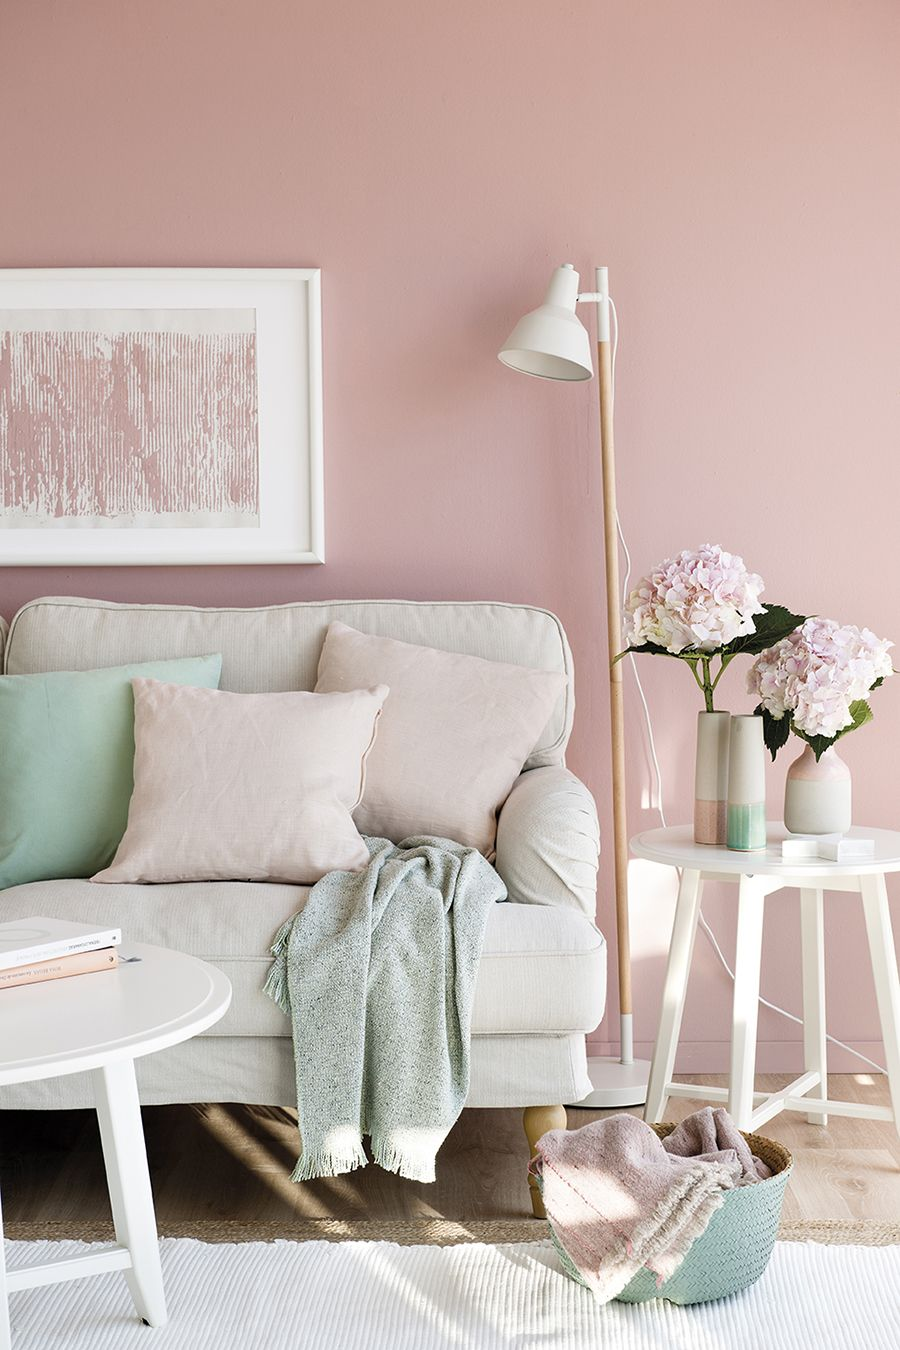 Sigue La Regla Del 60 30 10 Y Combina Colores Con Exito Colores De Cuartos Decoracion De Interiores Colores Para Dormitorio